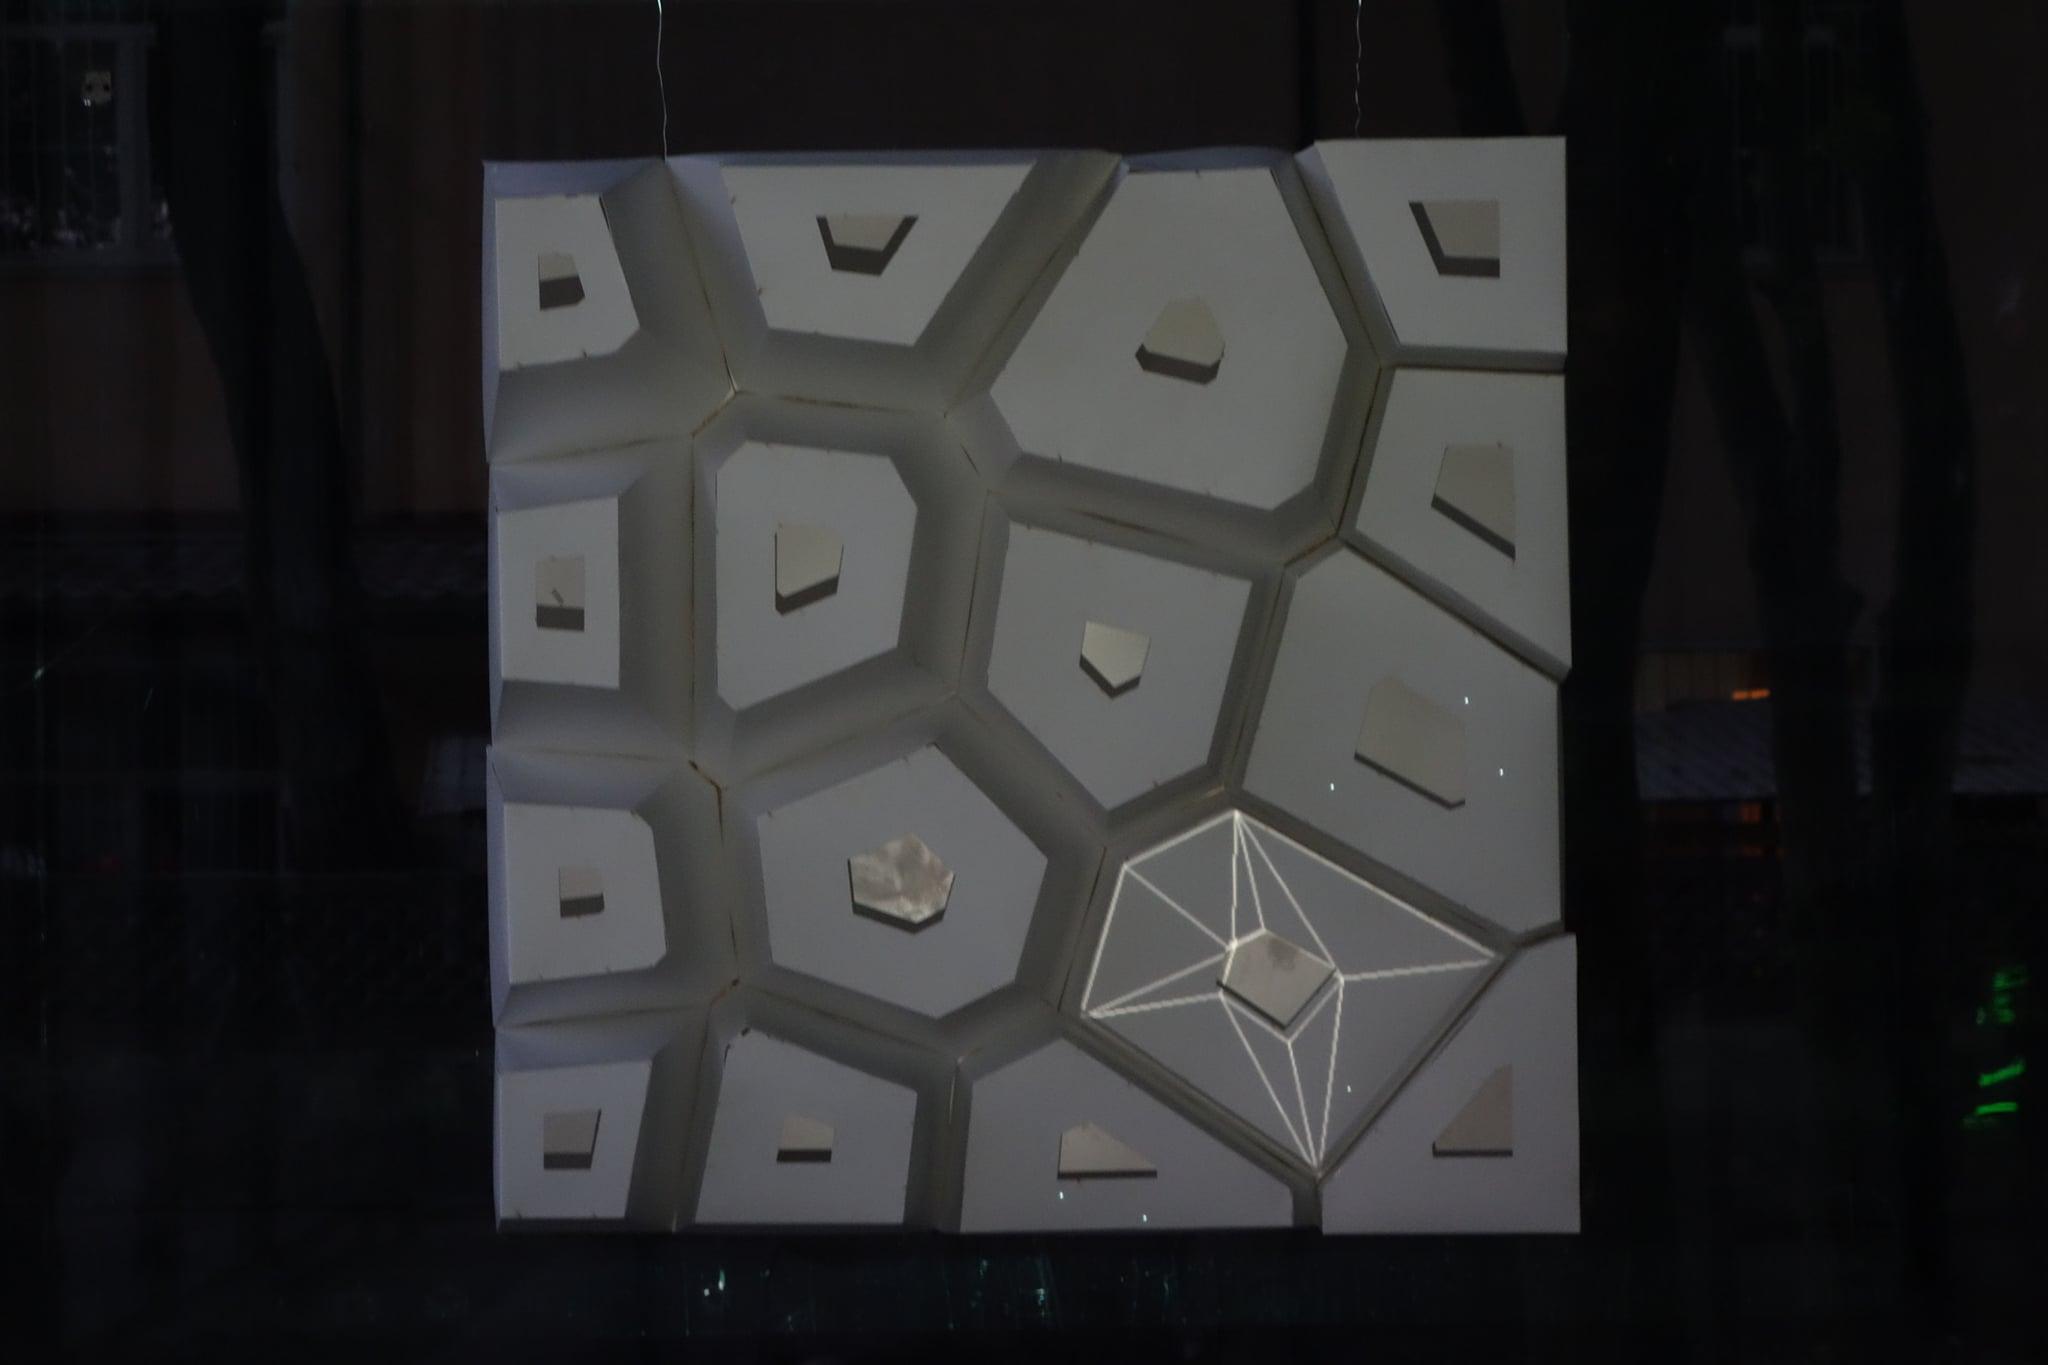 Работа Александра Степанищенко (совместно с украинскими генеративными художниками Евгением Ващенко и Еленой Бабко). Скульптура сгенерирована в Max/MSP/Jitter и Rhino/Grasshopper, а затем воссоздана в реальности